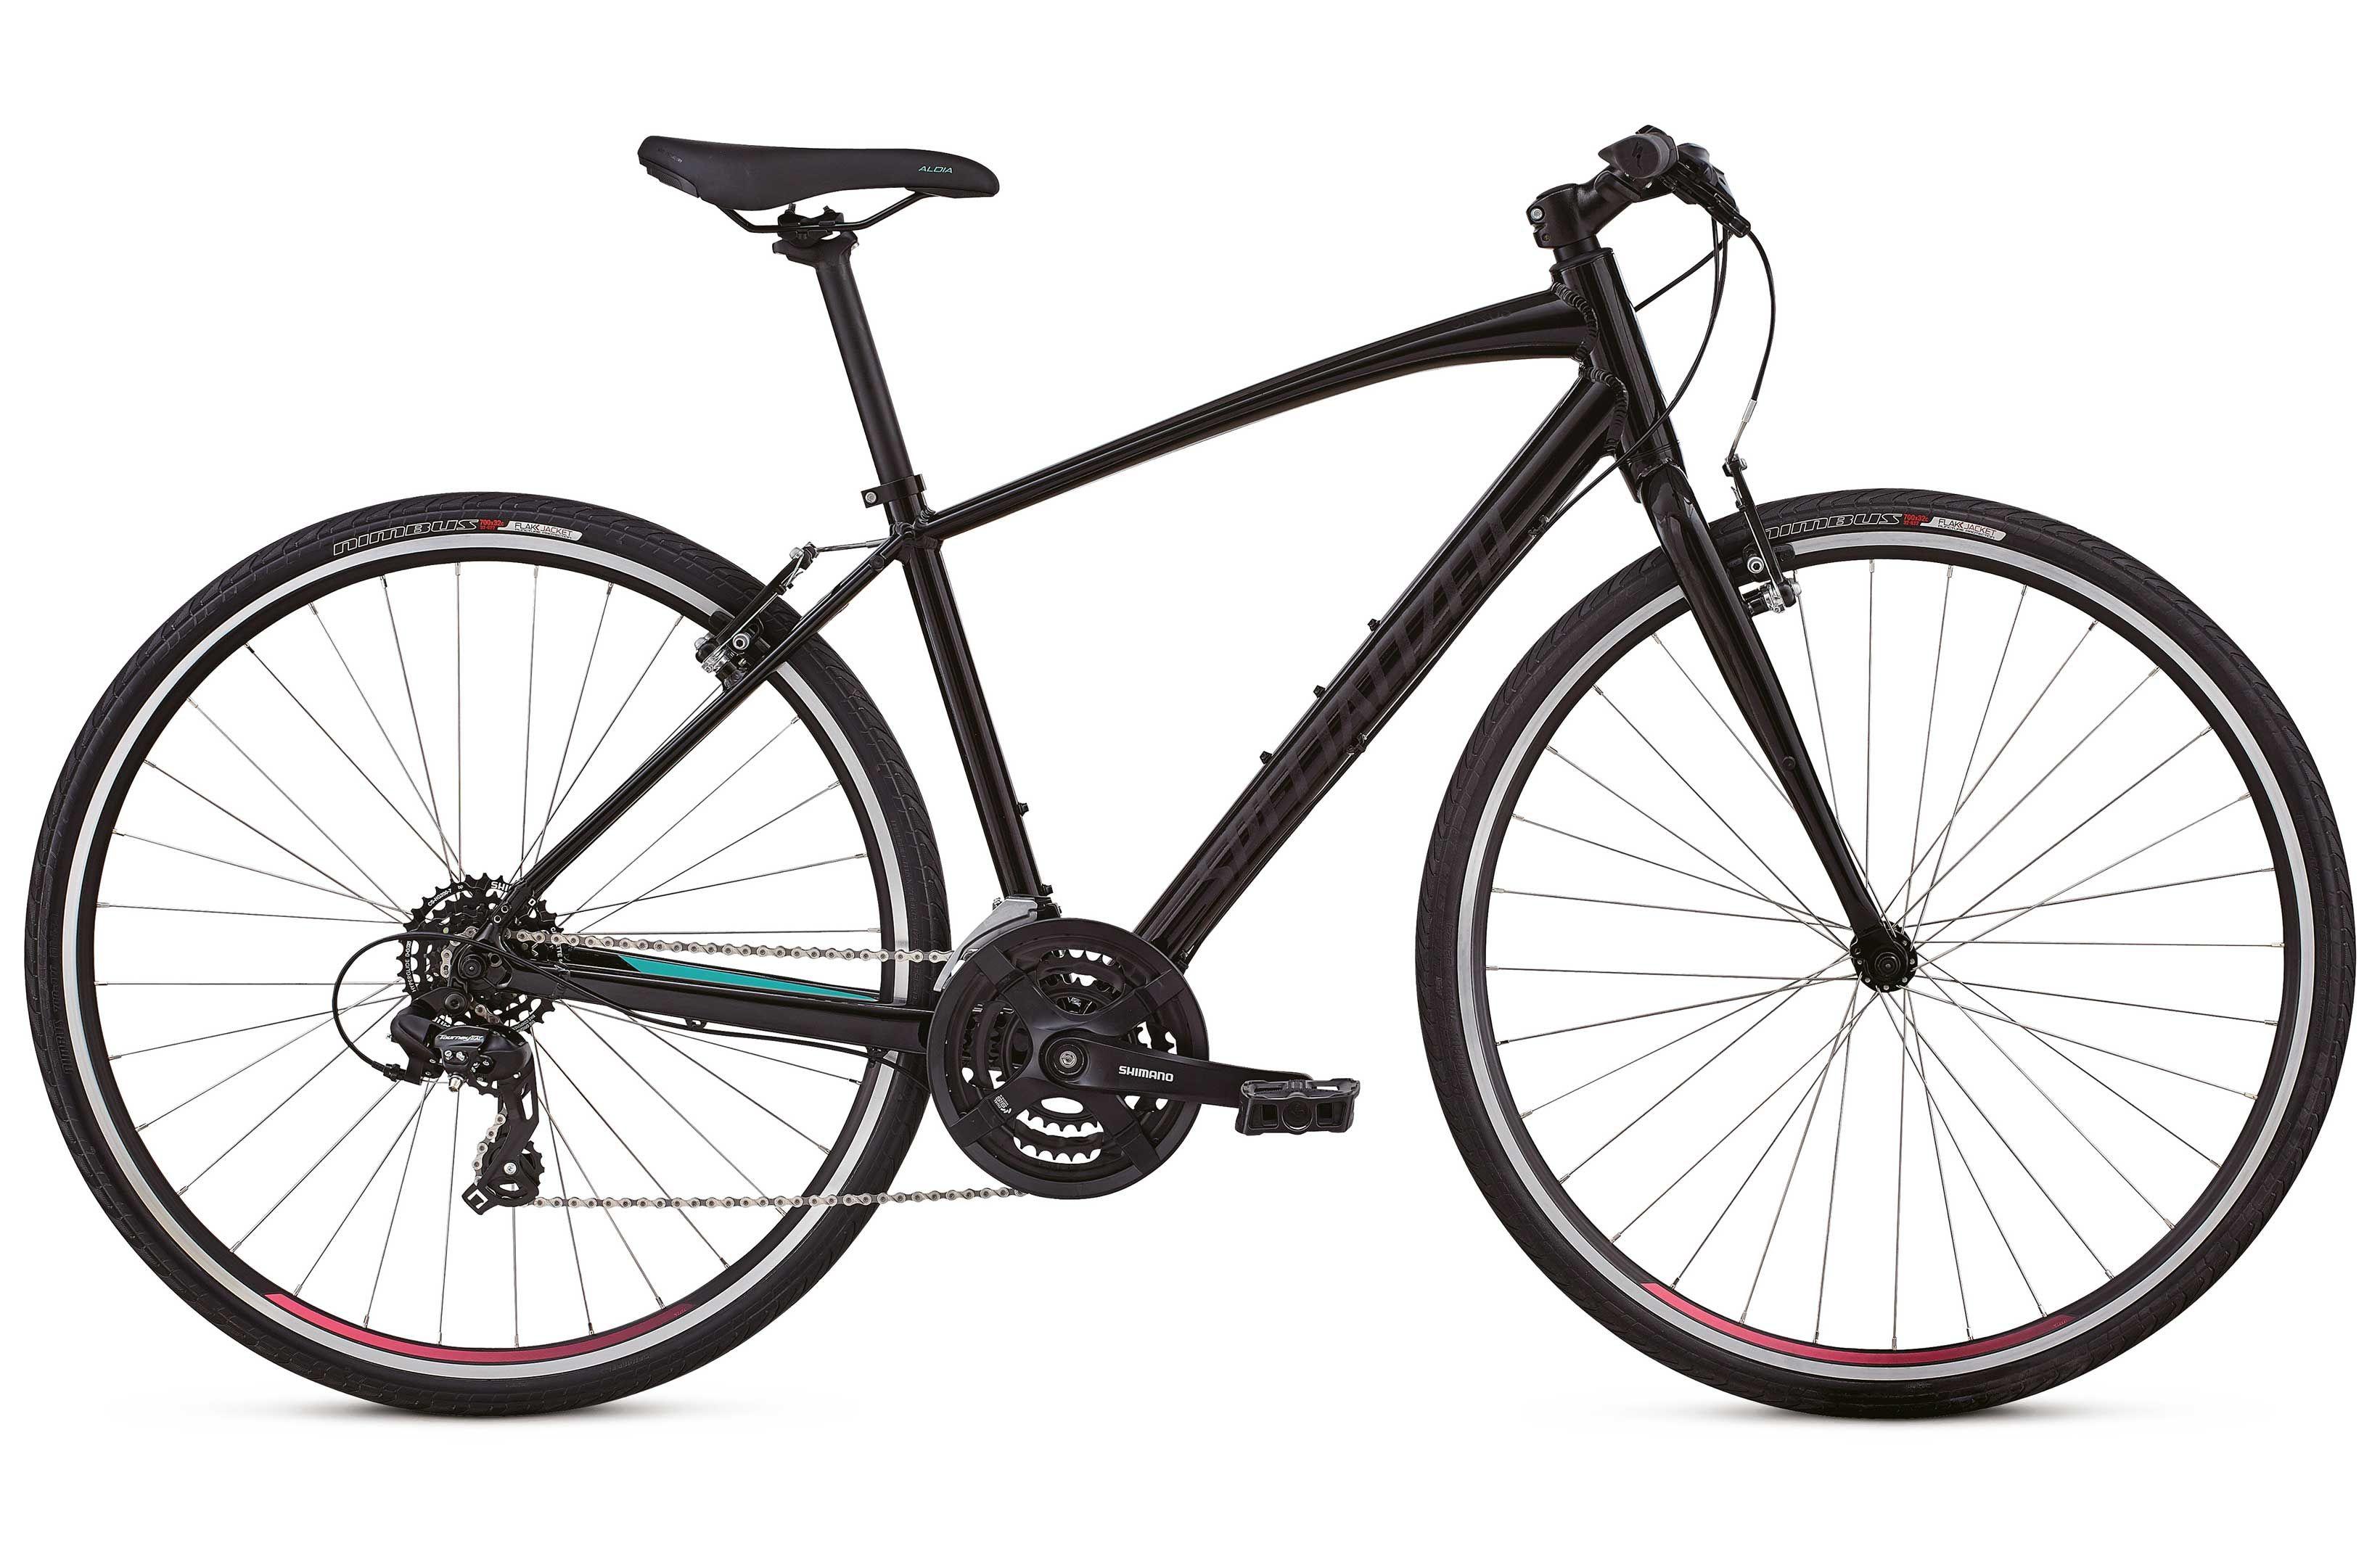 Specialized Sirrus 2020 Womens Hybrid Bike Hybrid bike